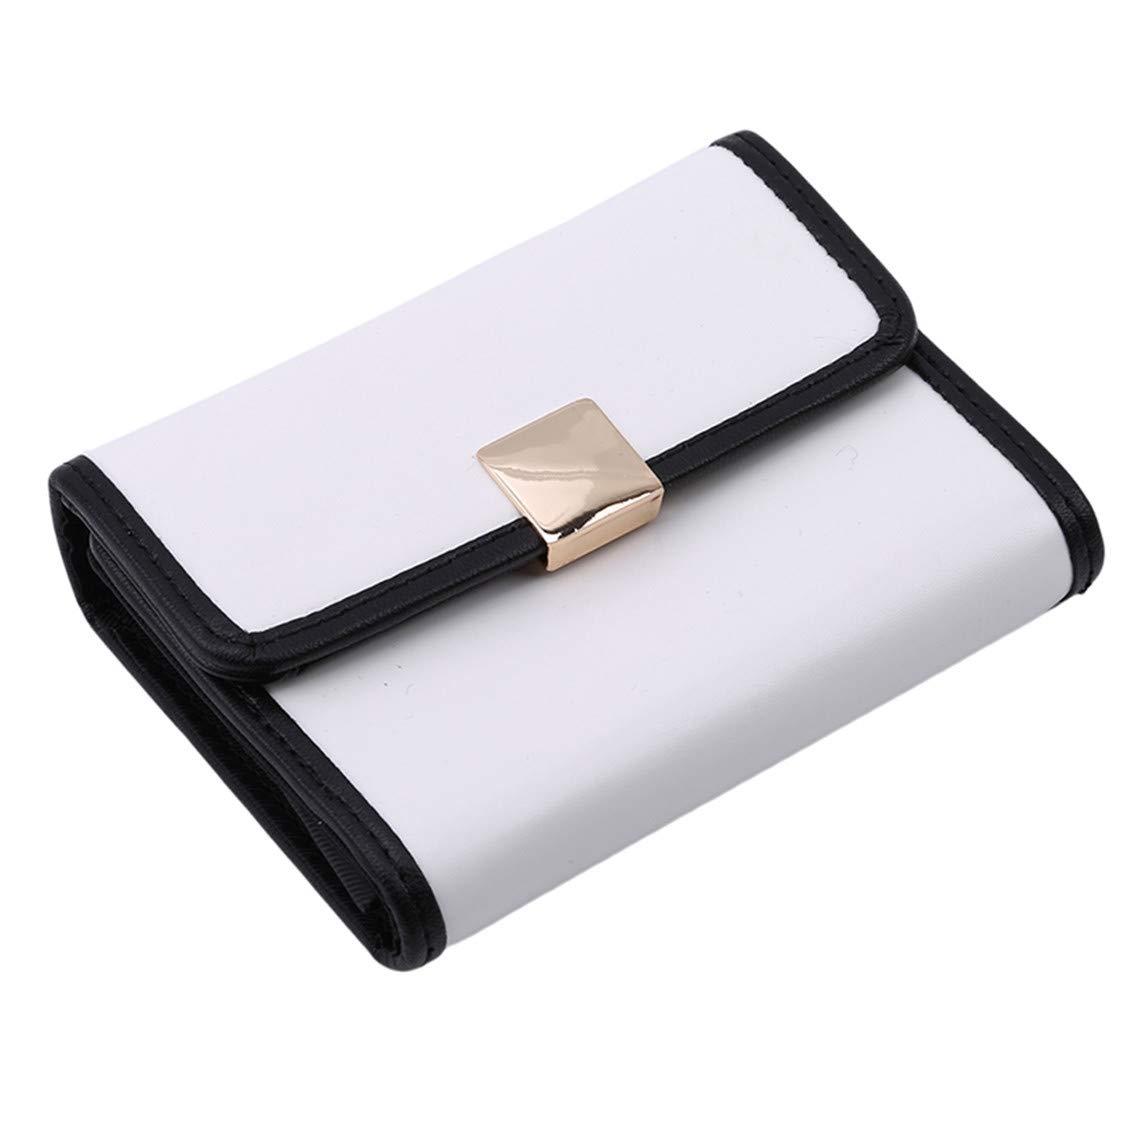 Idiytip Porte-Monnaie pour Portefeuille Court en Cuir PU pour Femmes, Blanc